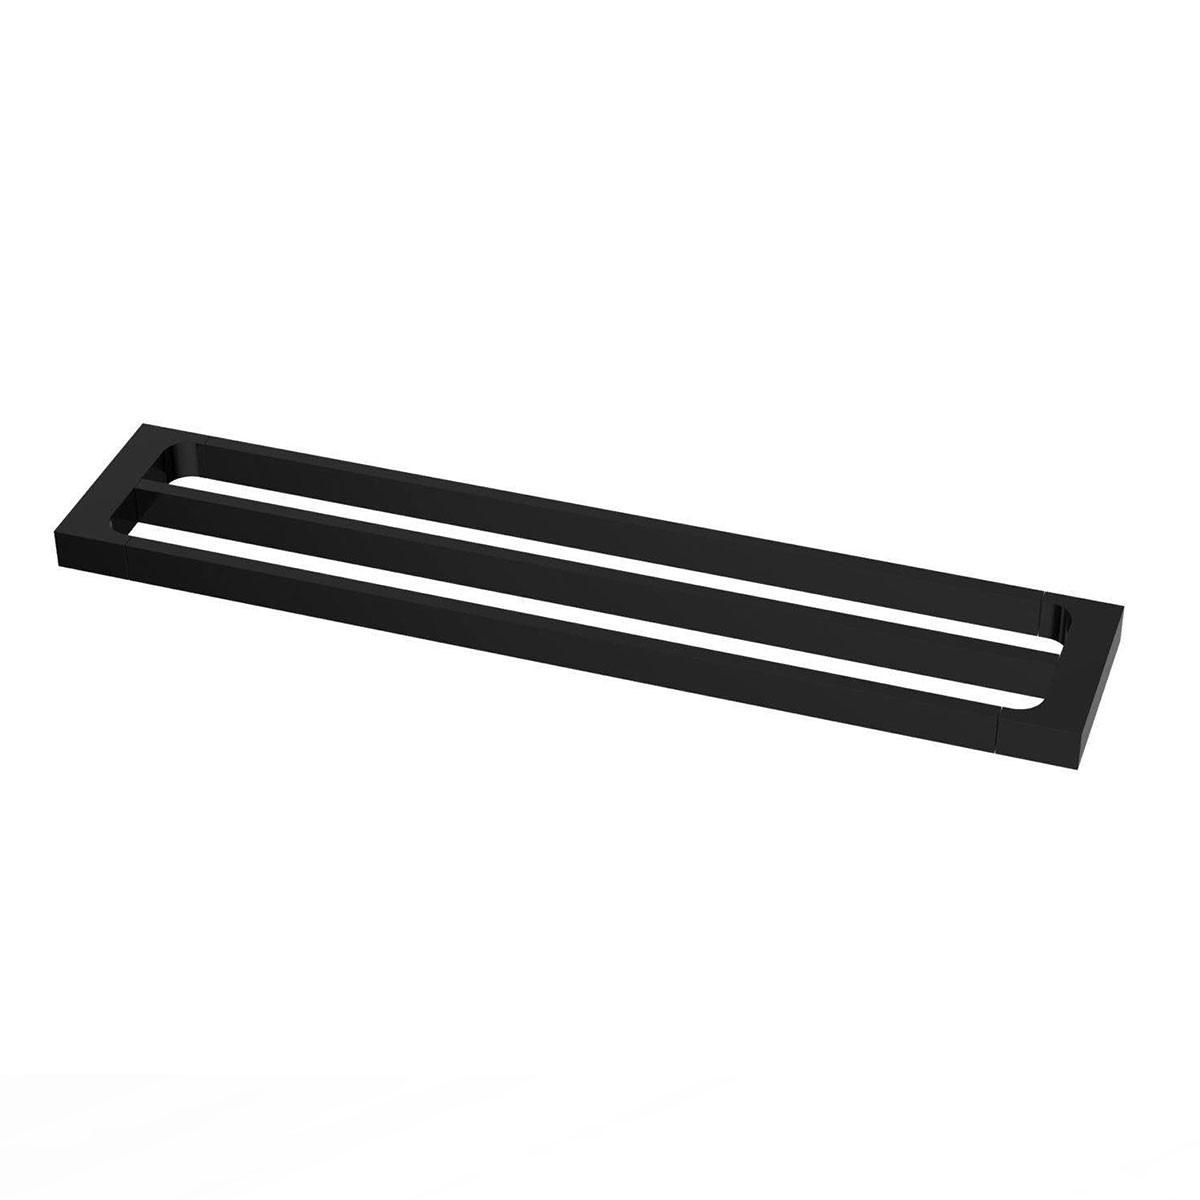 Barre Porte-Serviettes de 23.6 Po- Laiton Noir Mat (OD03611B)